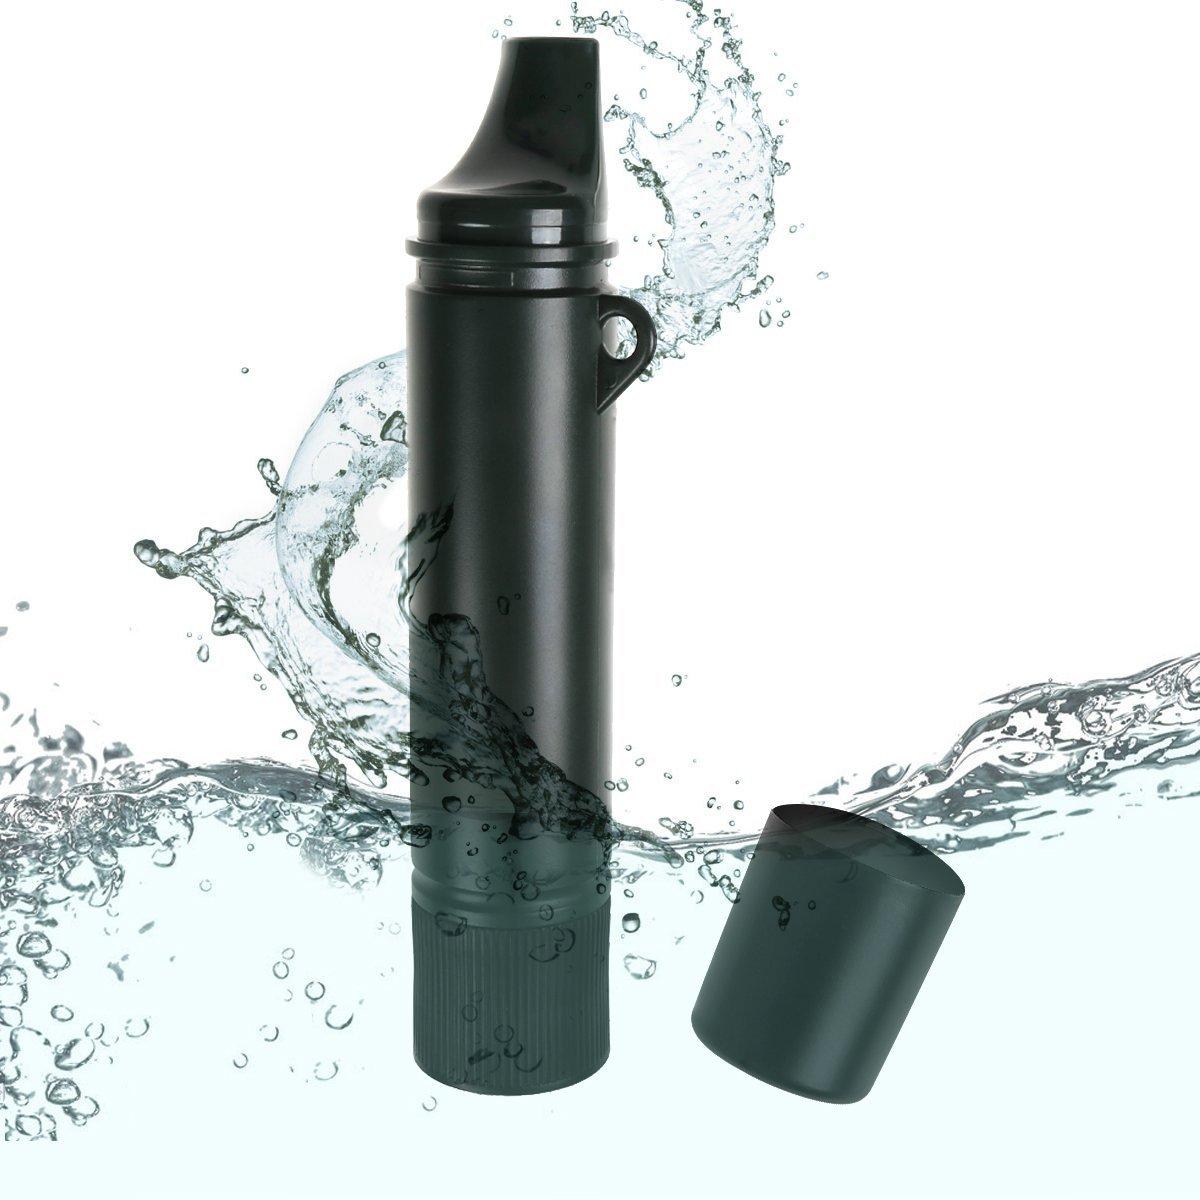 Ideapro - Purificador de agua para acampada, herramienta de supervivencia, sin químicos, hasta 1500 litros